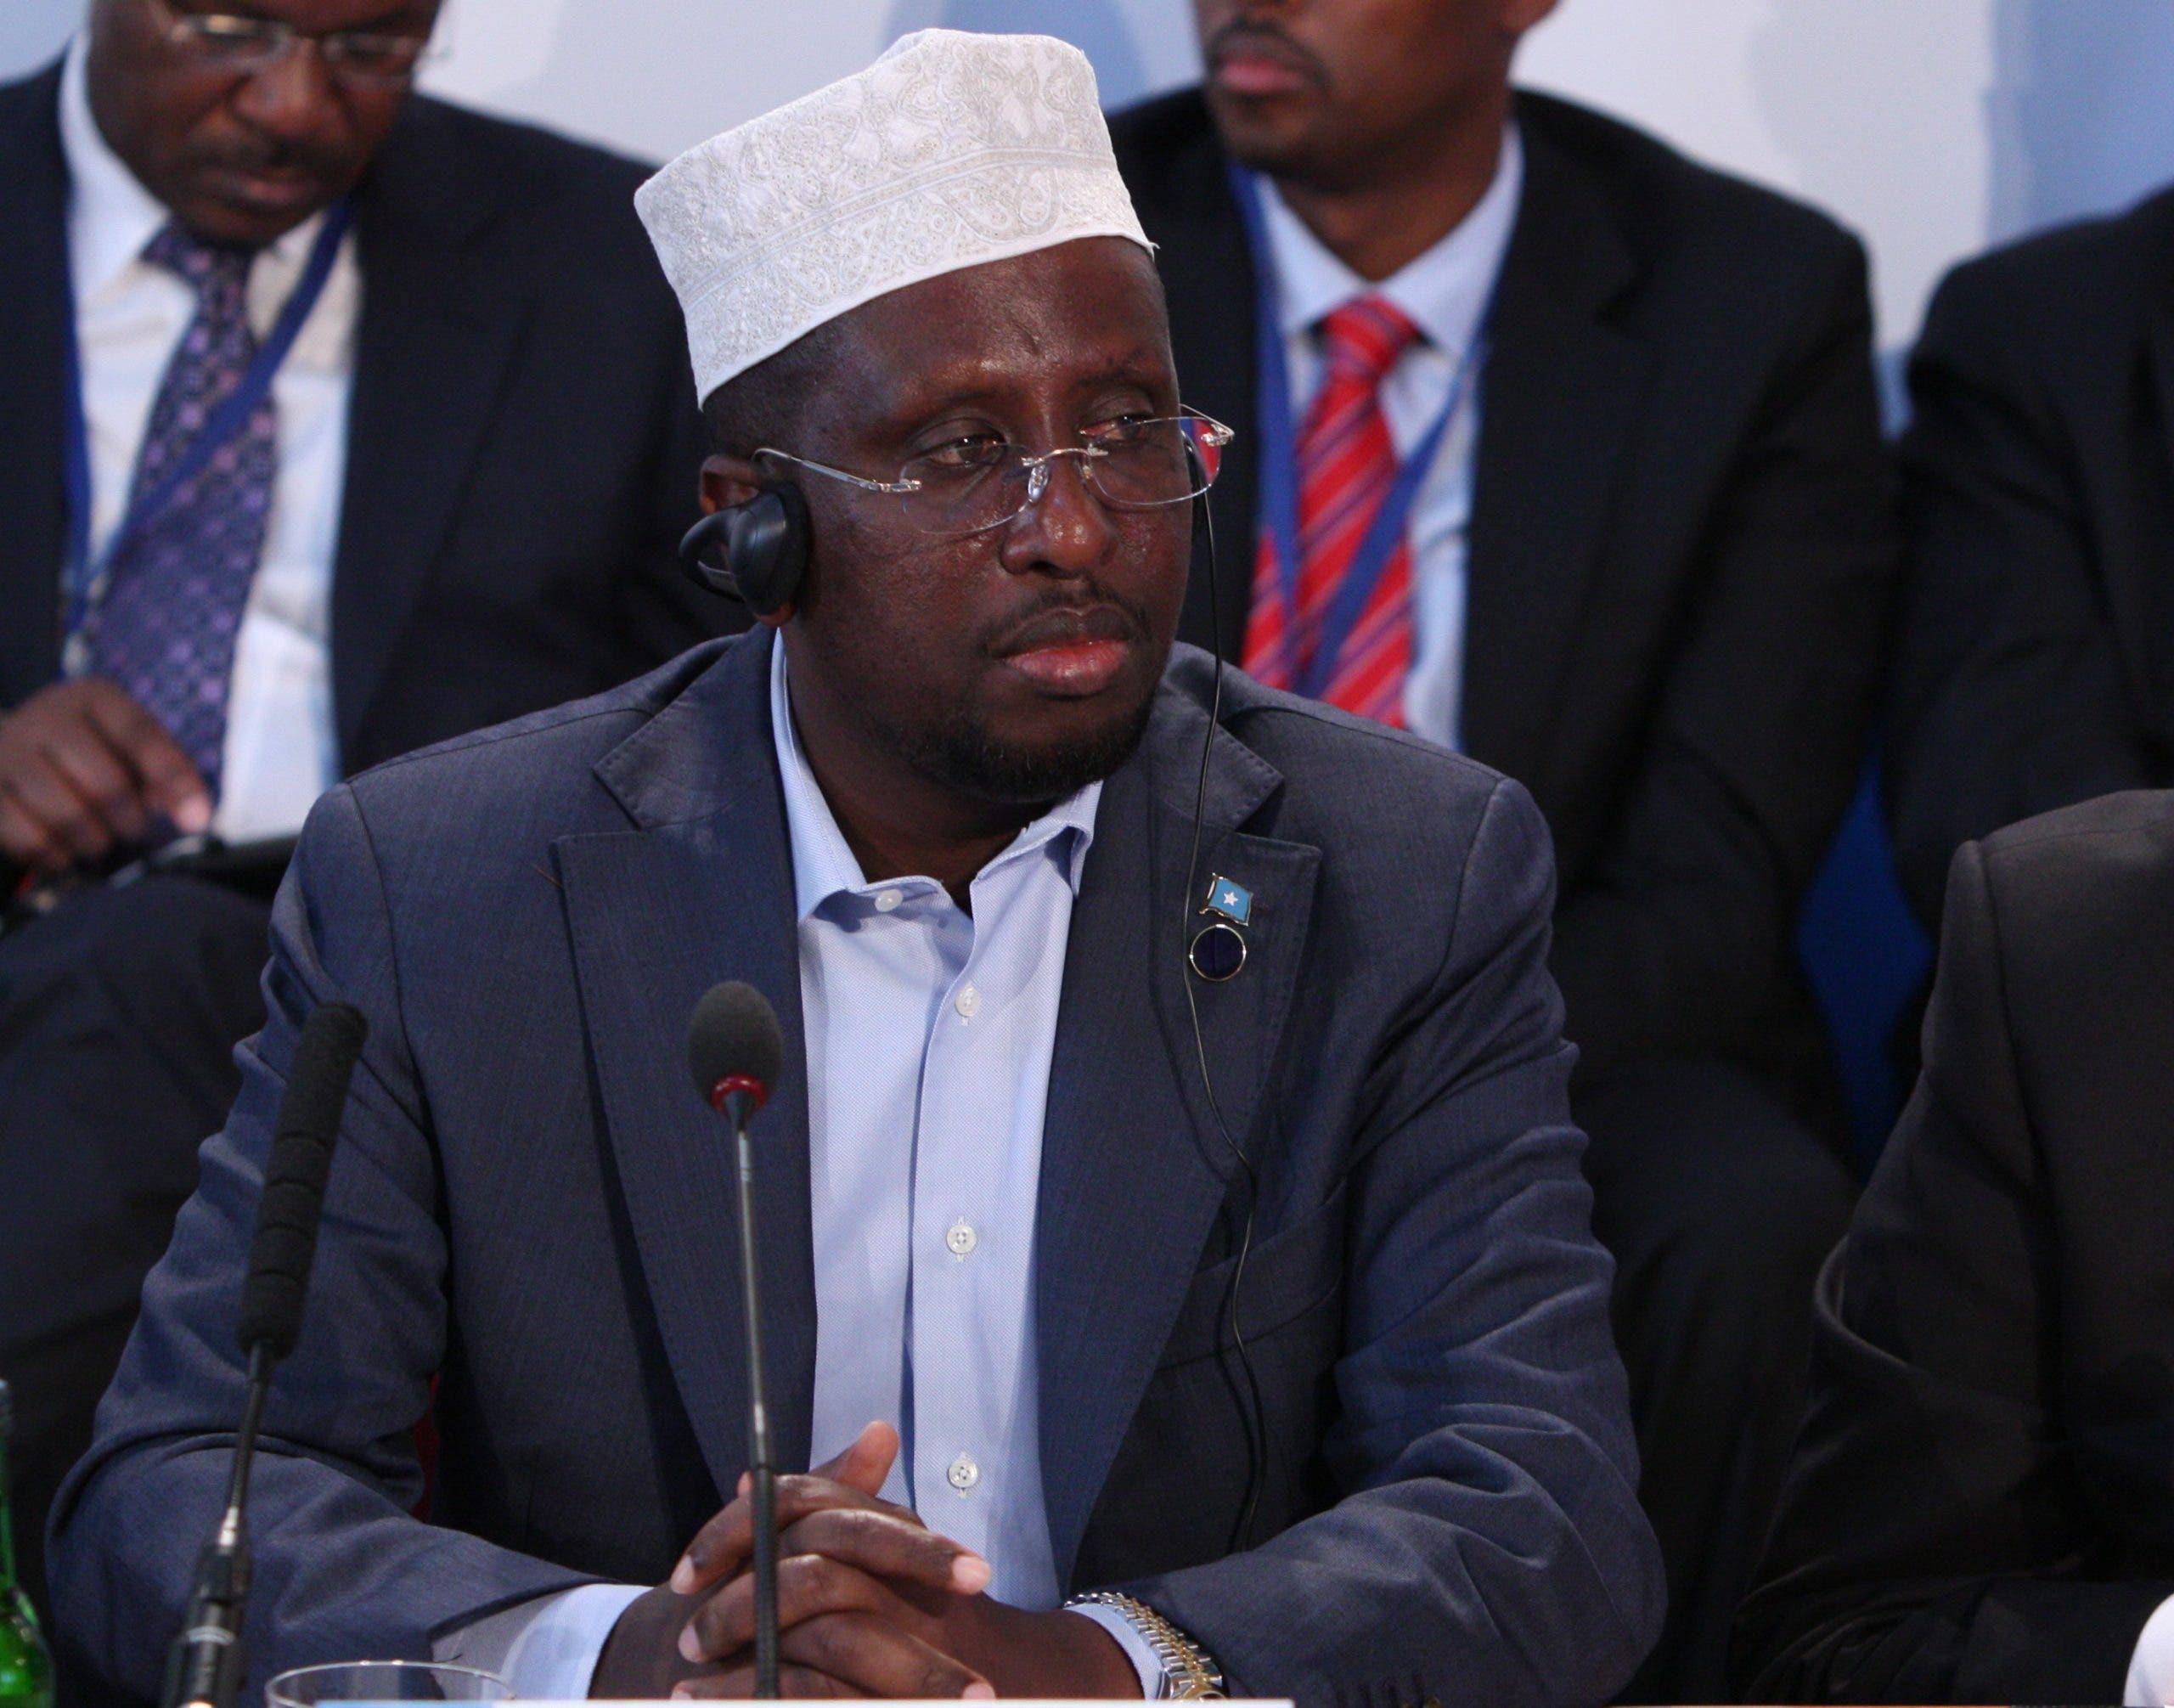 Sheekh Shariif oo gaaray Nairobi kadib bilo uu 'xeelad siyaasadeed' ku maqnaa